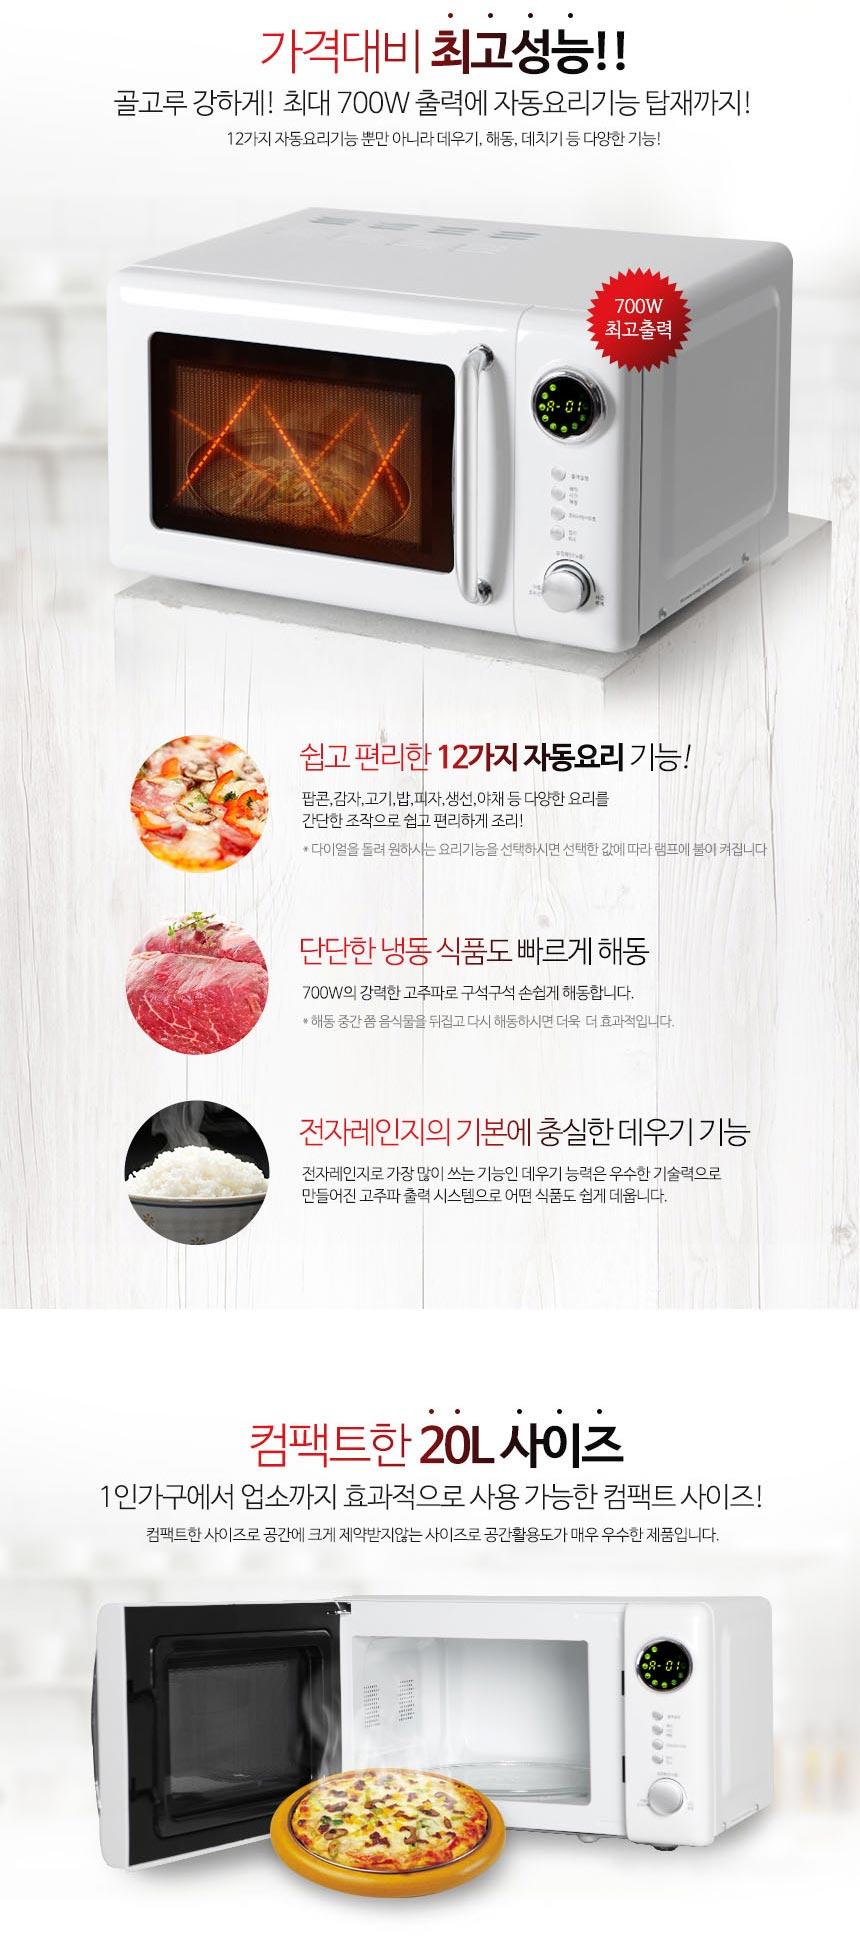 상세페이지 3, 가격대비 최고 성능, 700W출력, 자동 요리 기능 탑재, 해동기능, 데우기 기능, 컴팩트사이즈